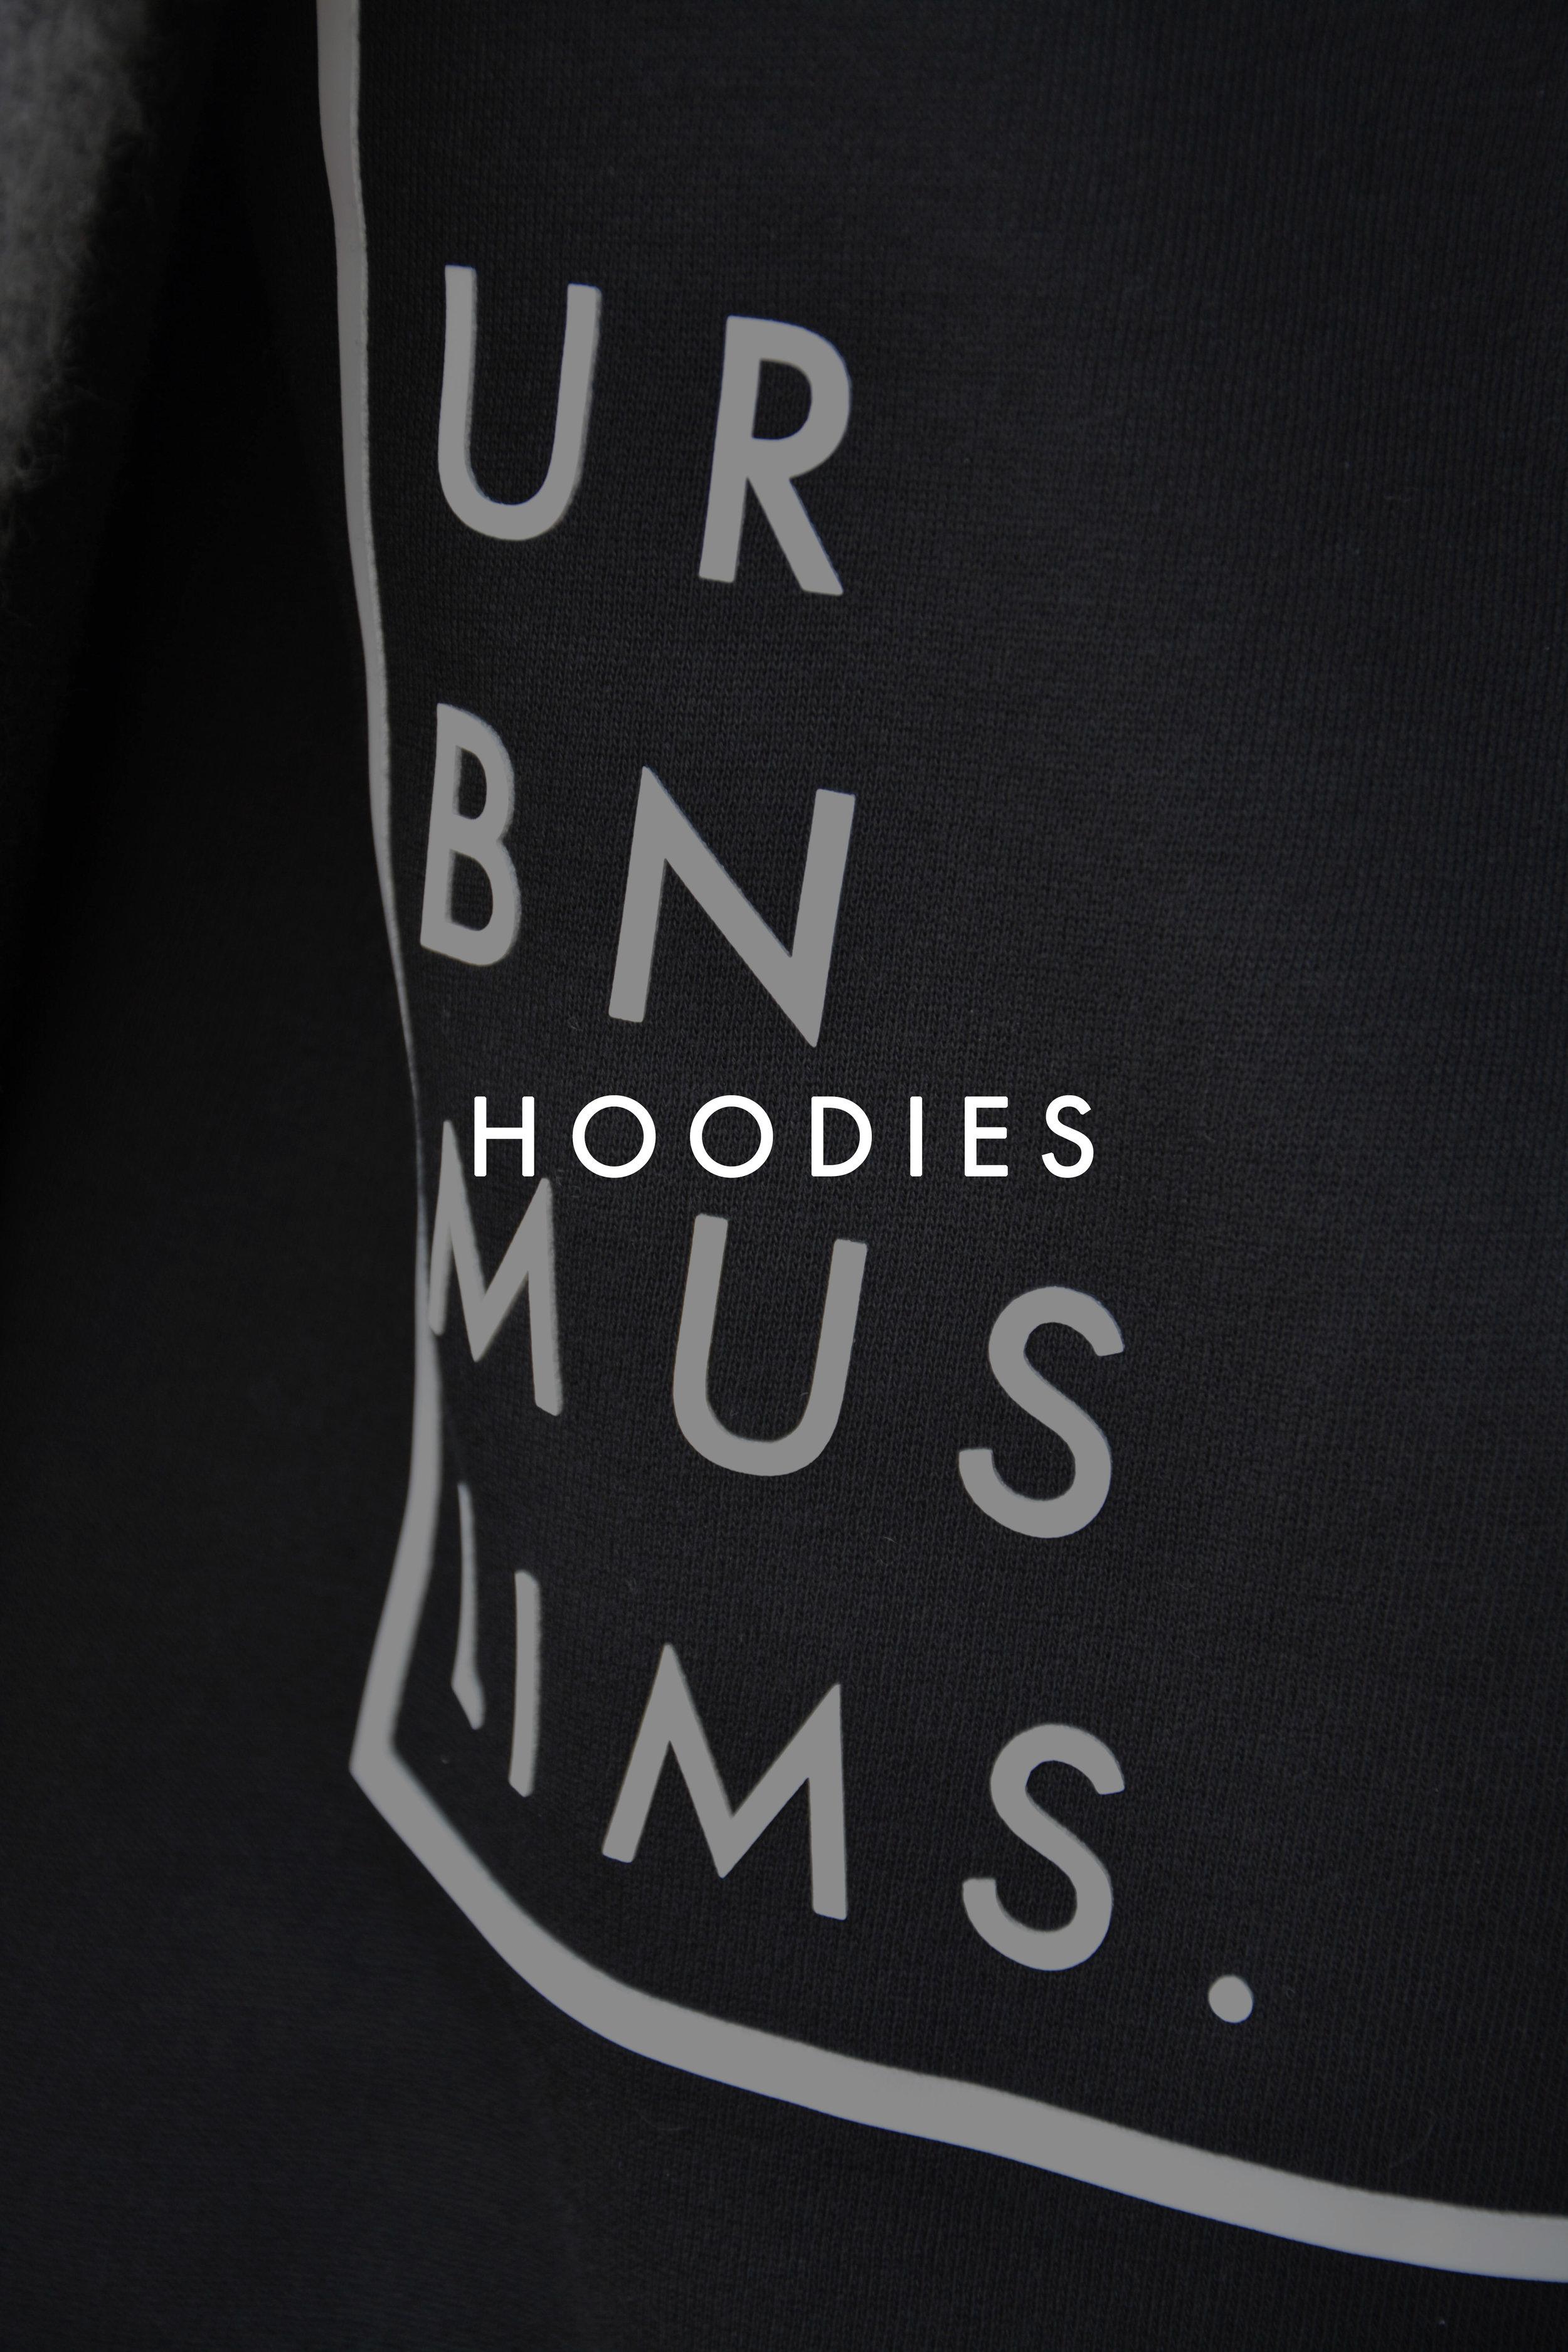 hoodie detail-1272 Kopie.jpg